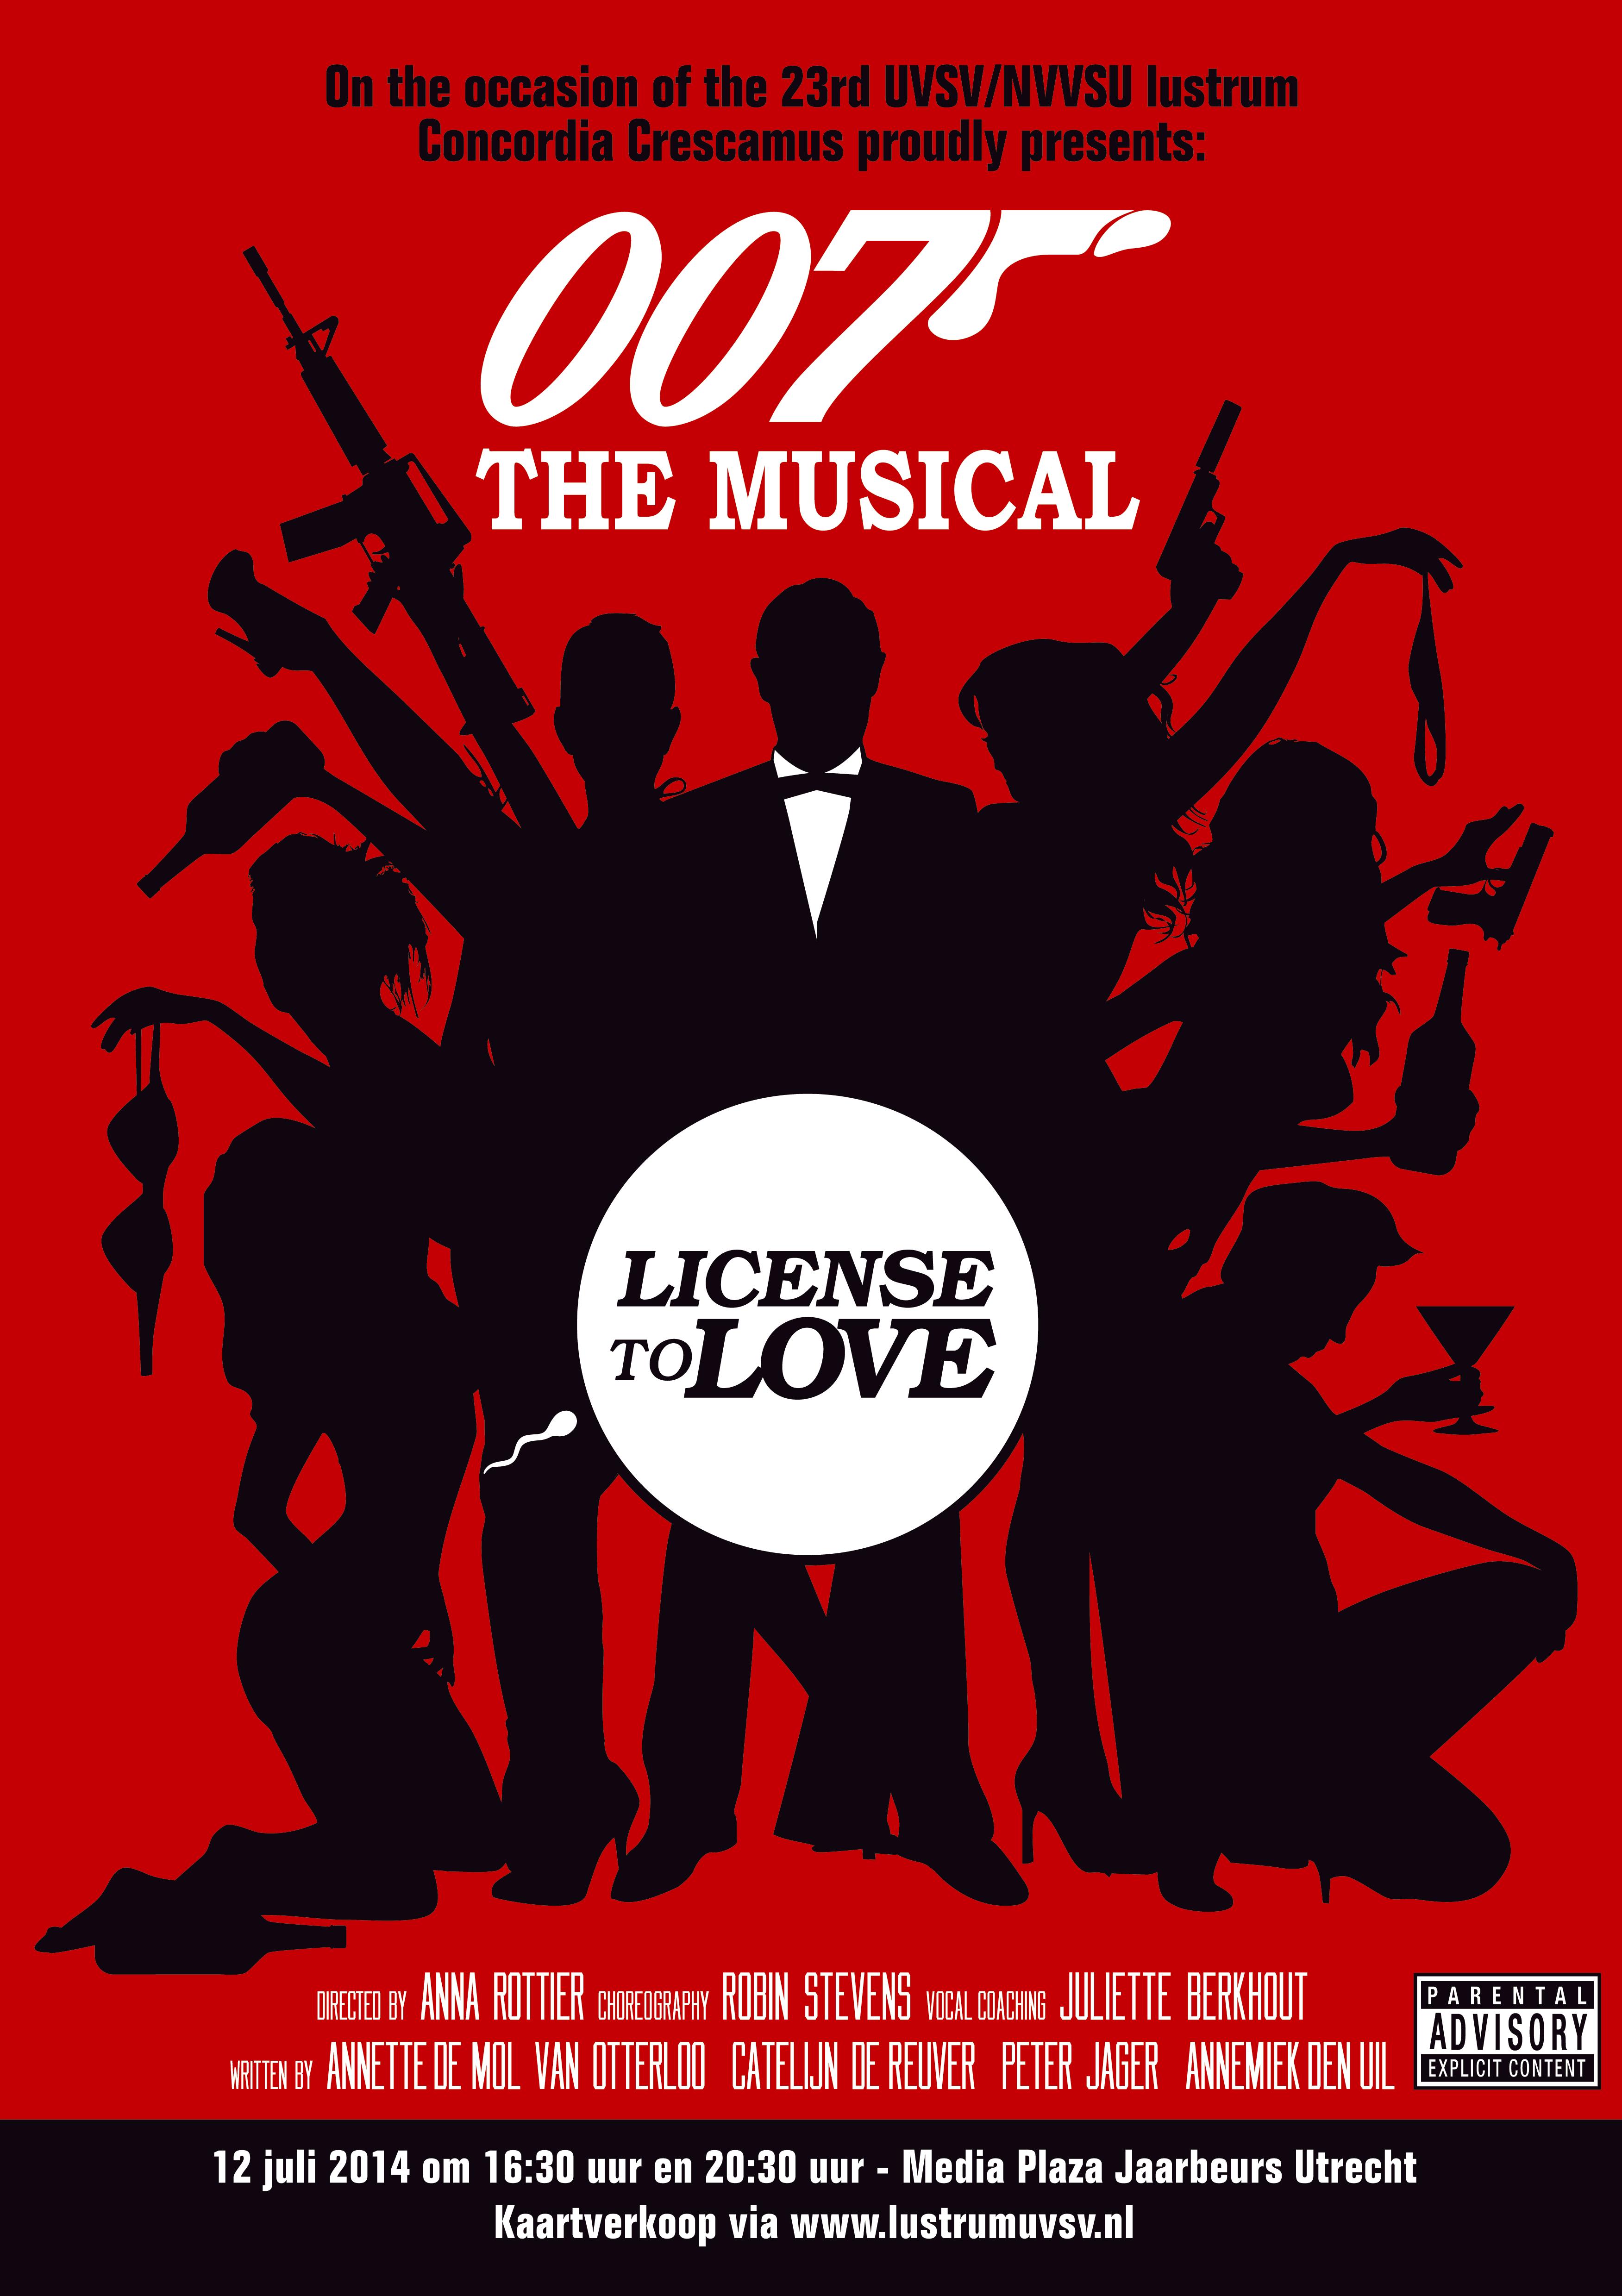 poster 007 woorden